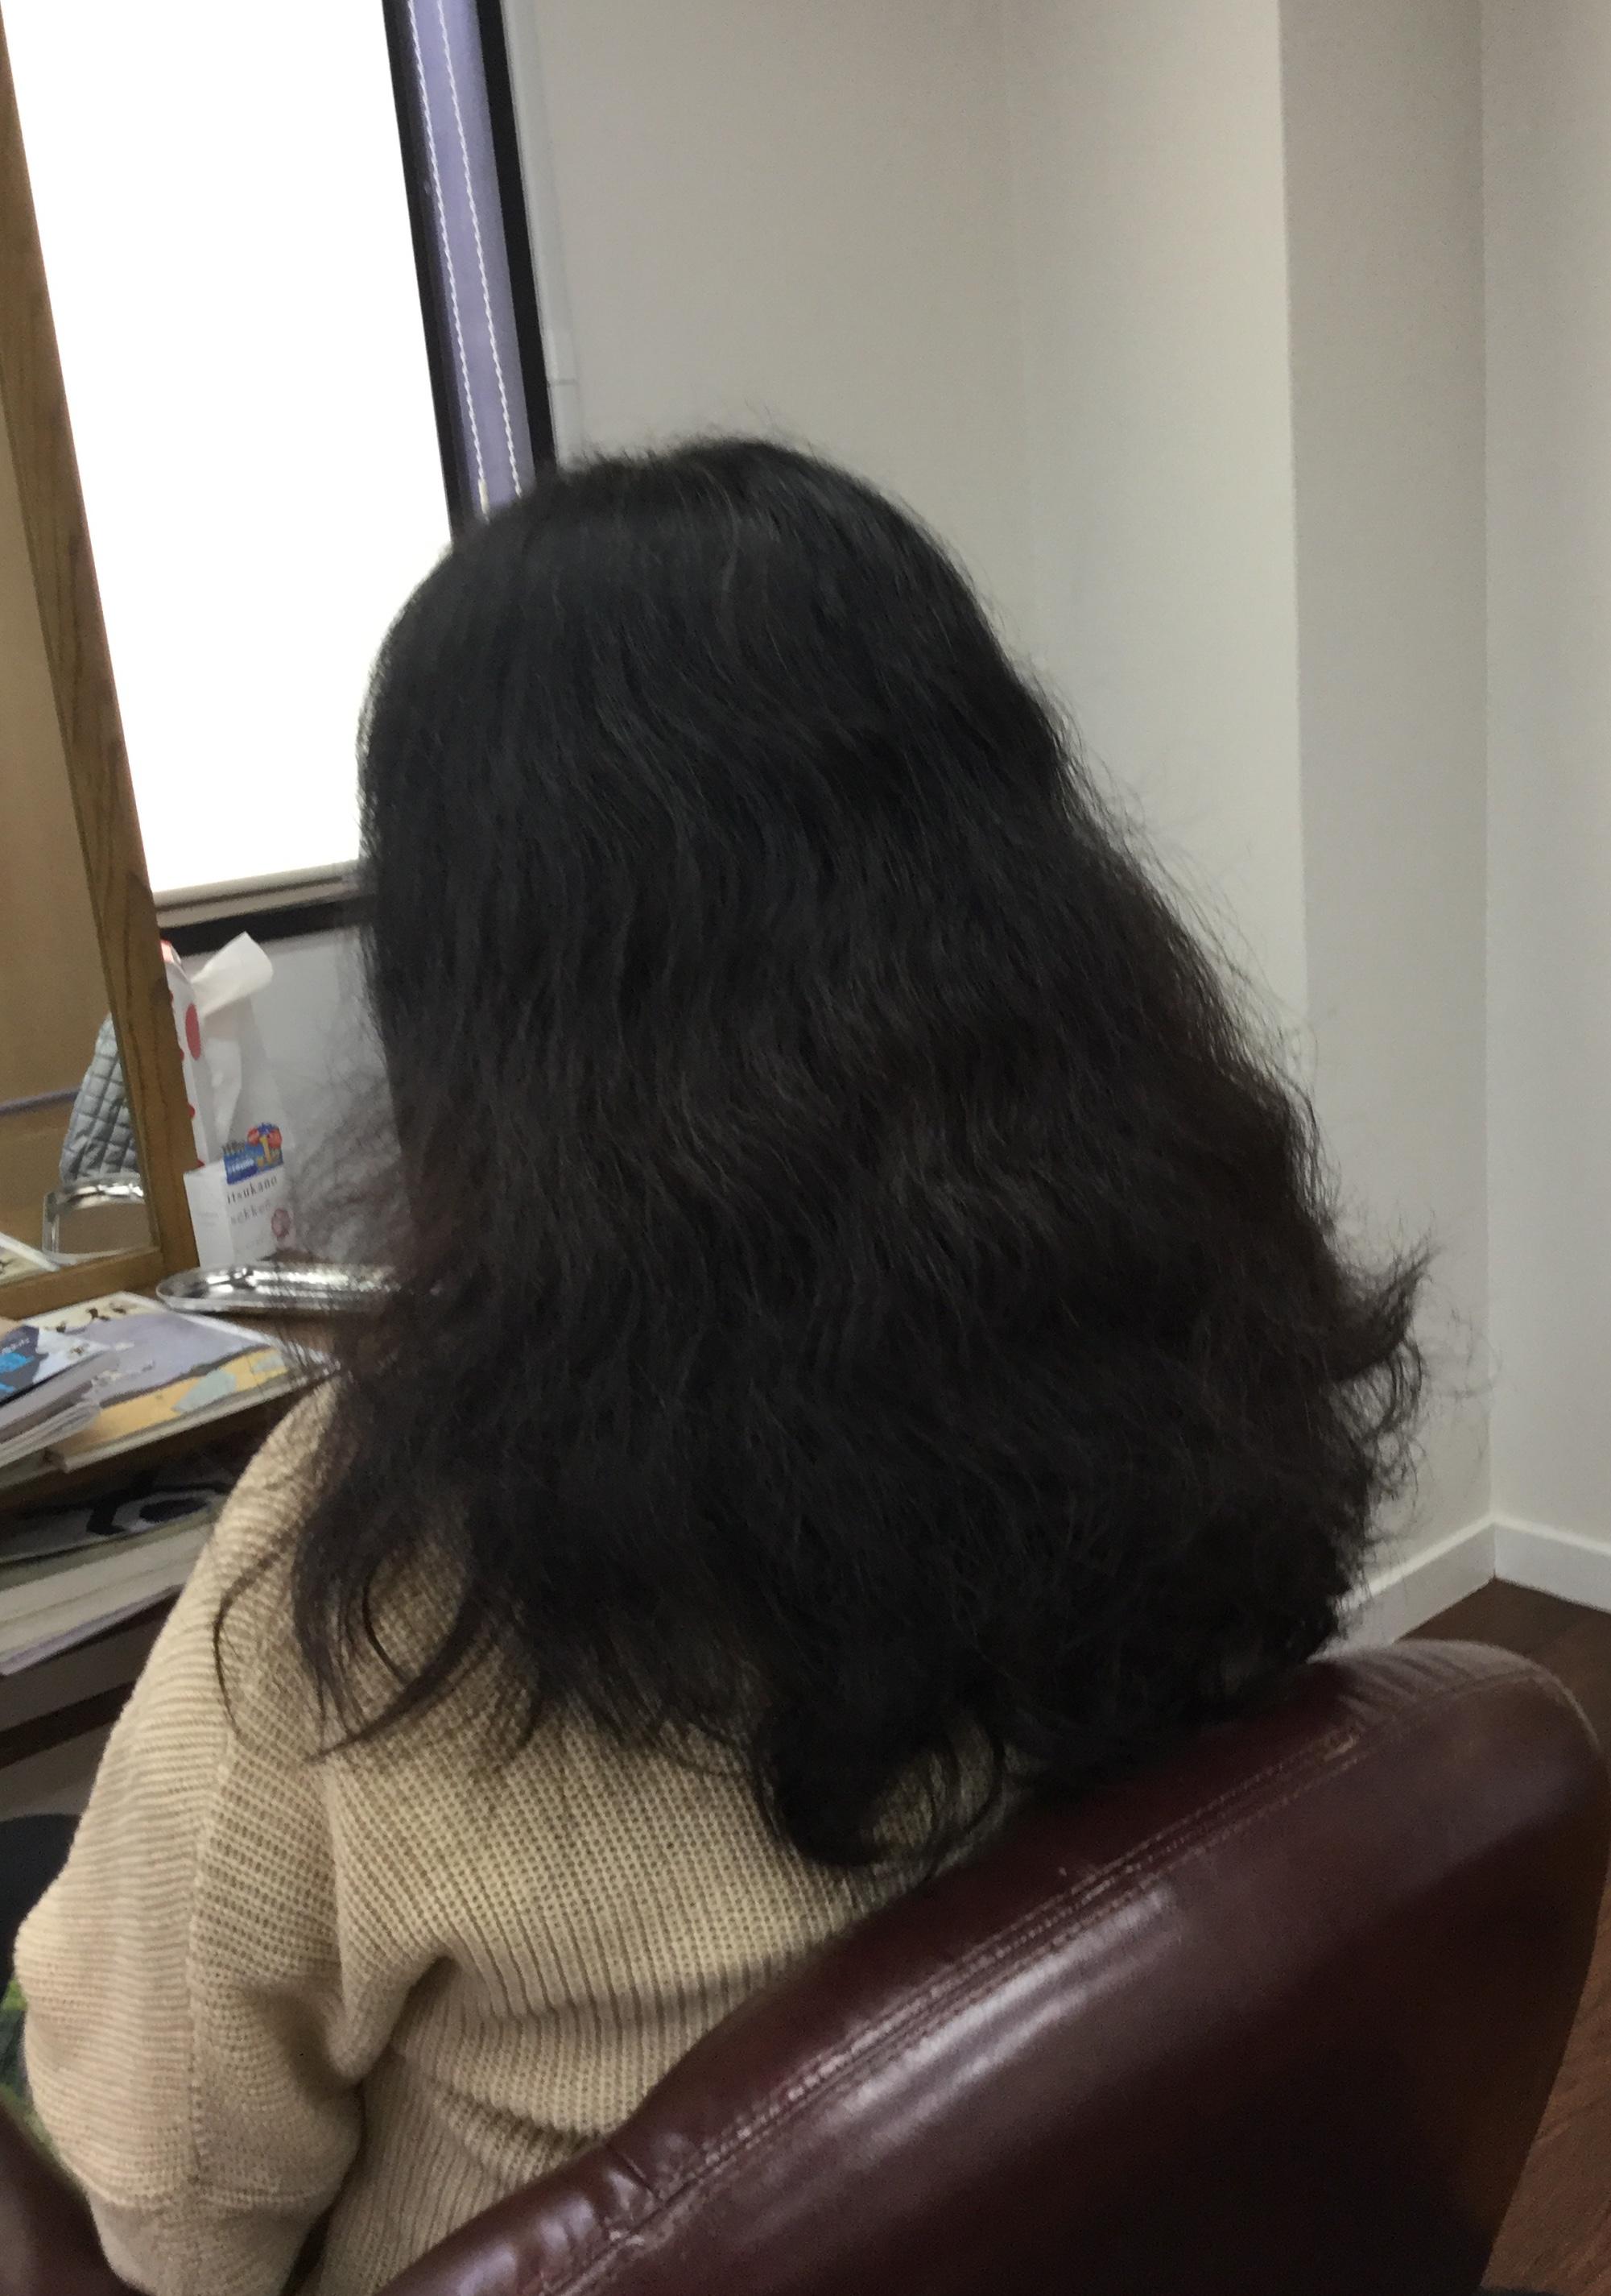 ホットペッパー には掲載されてないけどくせ毛多毛広がりを解消する神戸くせ毛専門美容室